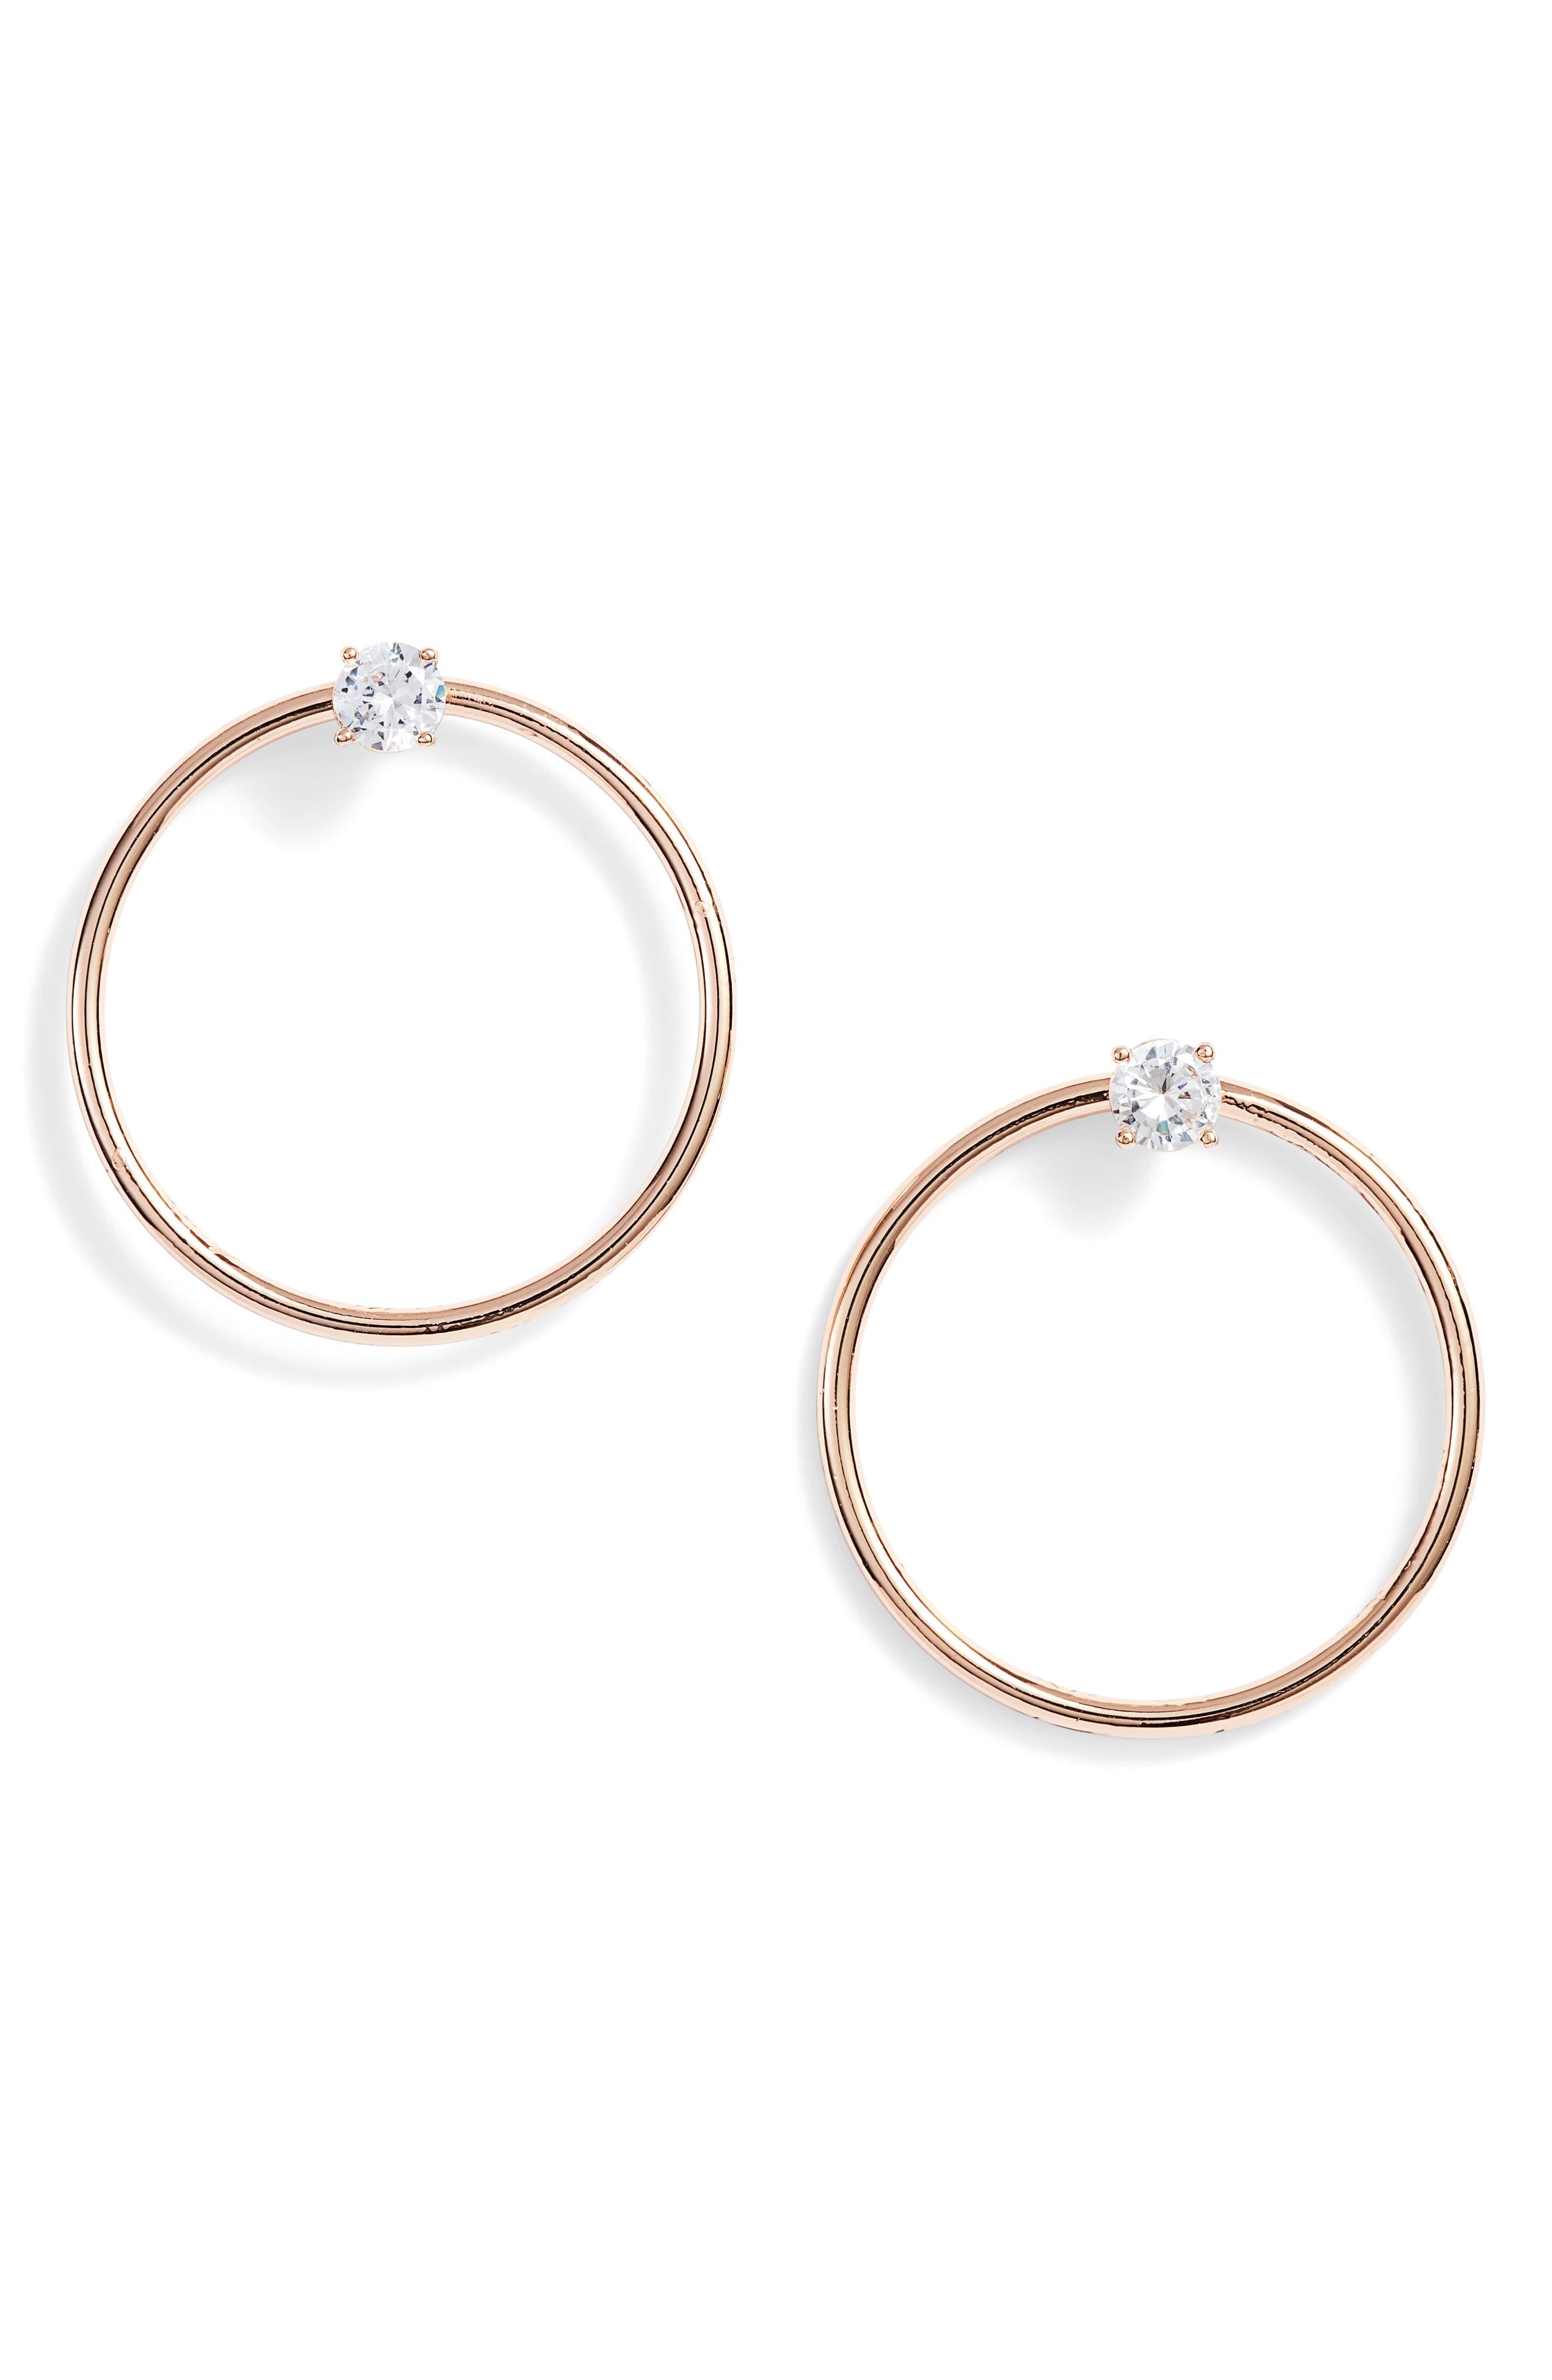 Crystal Stud Hoop Earrings,                             Main thumbnail 2, color,